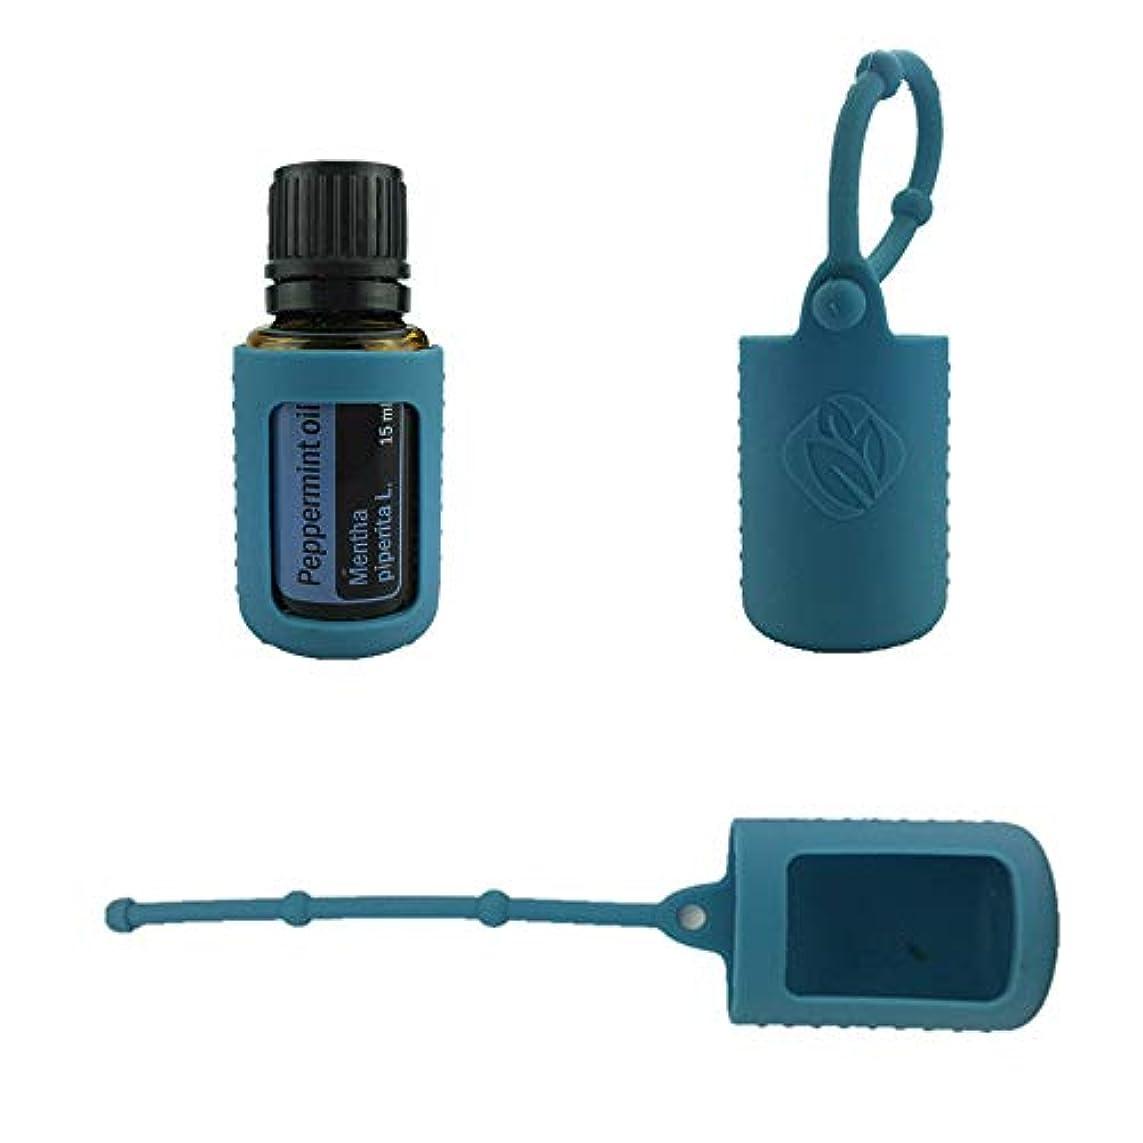 王子取り替える交換6パック熱望オイルボトルシリコンローラーボトルホルダースリーブエッセンシャルオイルボトル保護カバーケースハングロープ - ダンク ブルー - 6-pcs 10ml